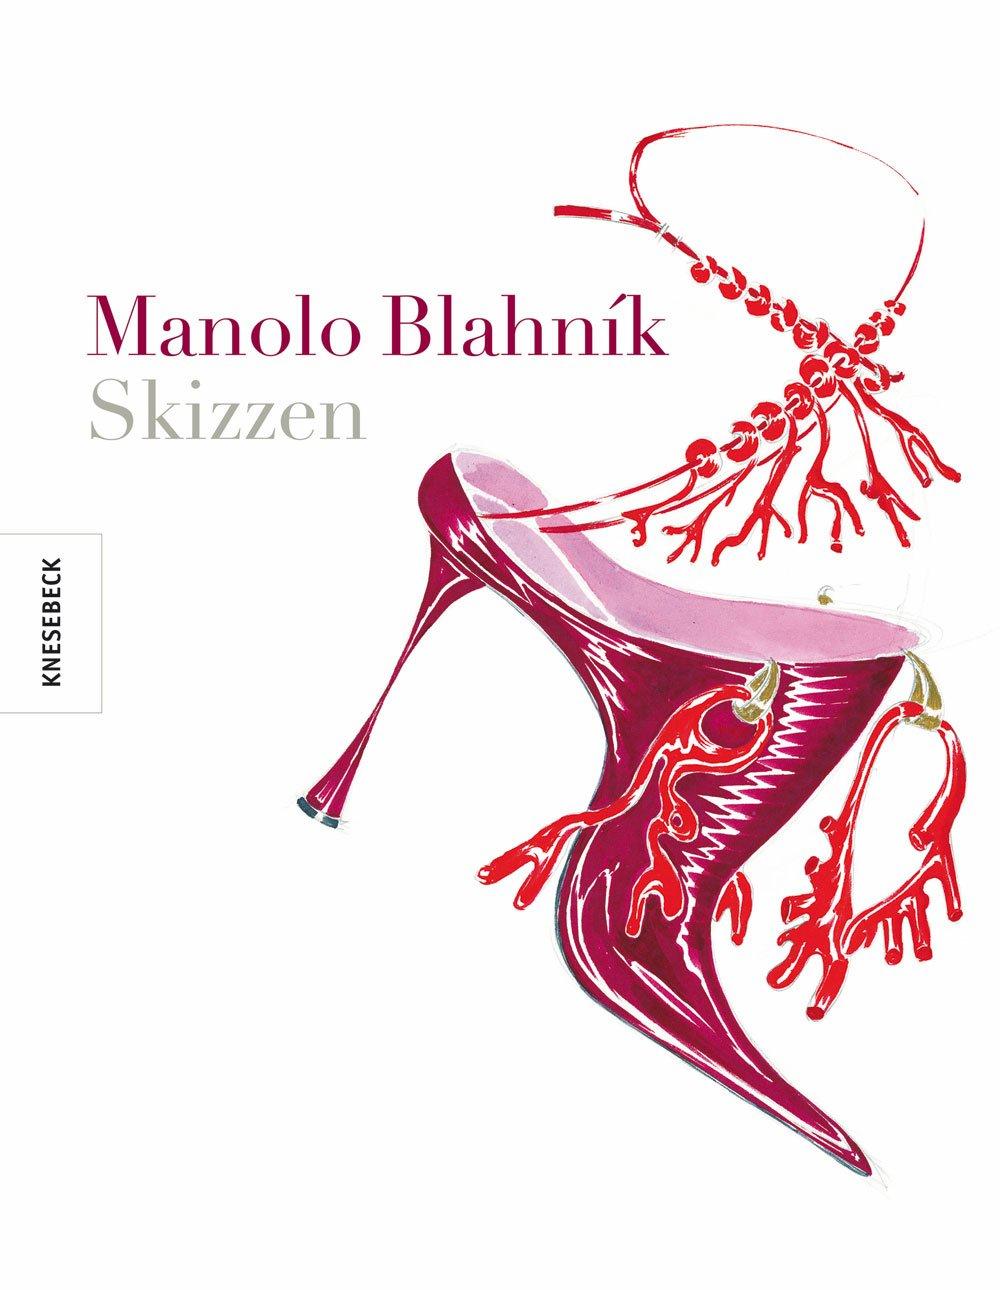 Manolo Blahnik: Skizzen - Die Kult - Schuhe seit Sex and the City